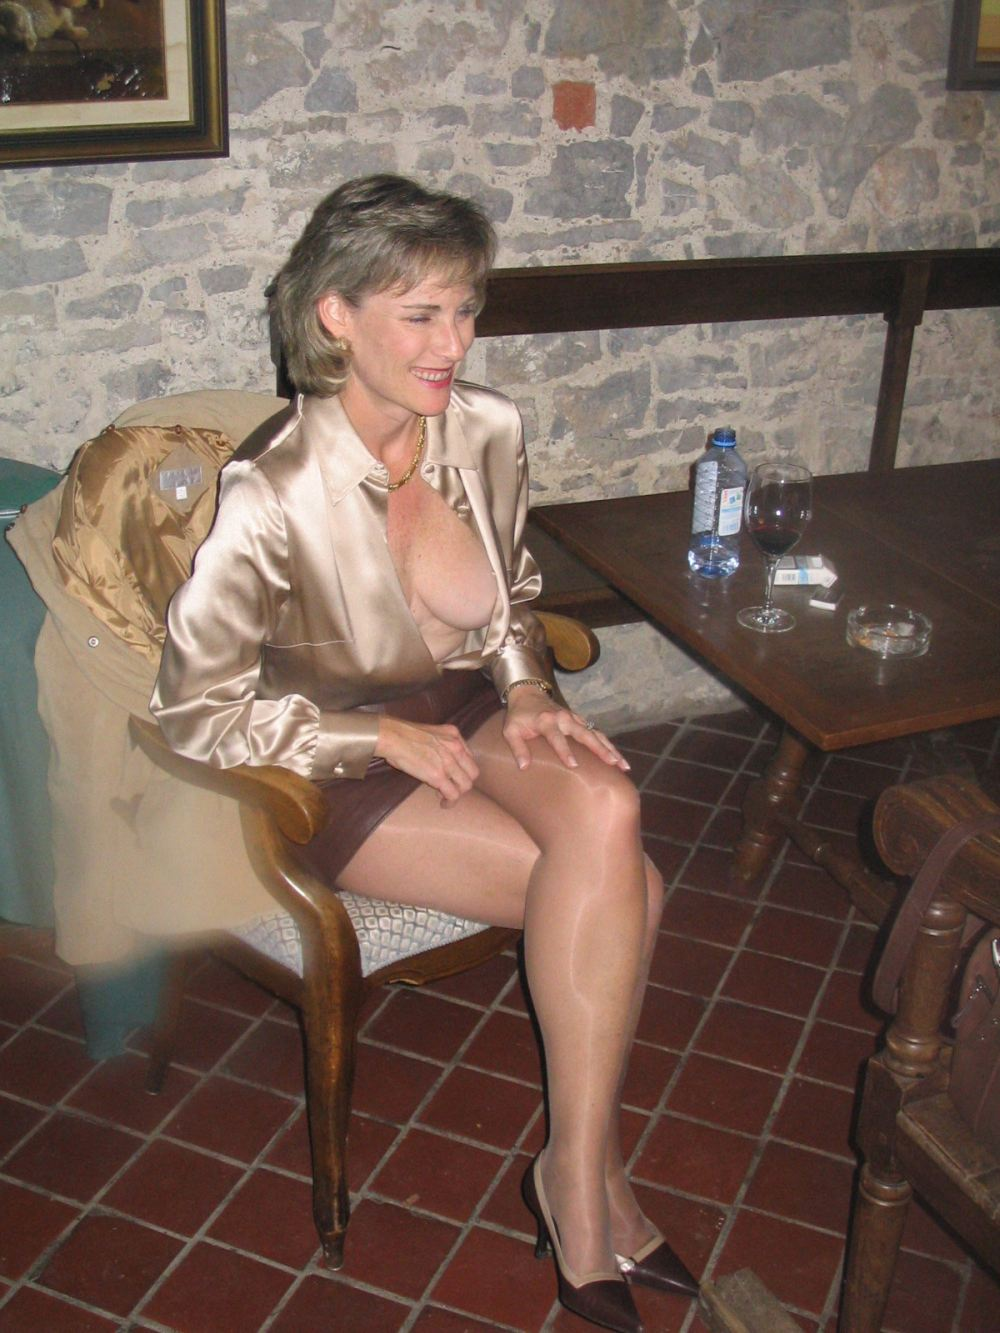 blog iage dating older